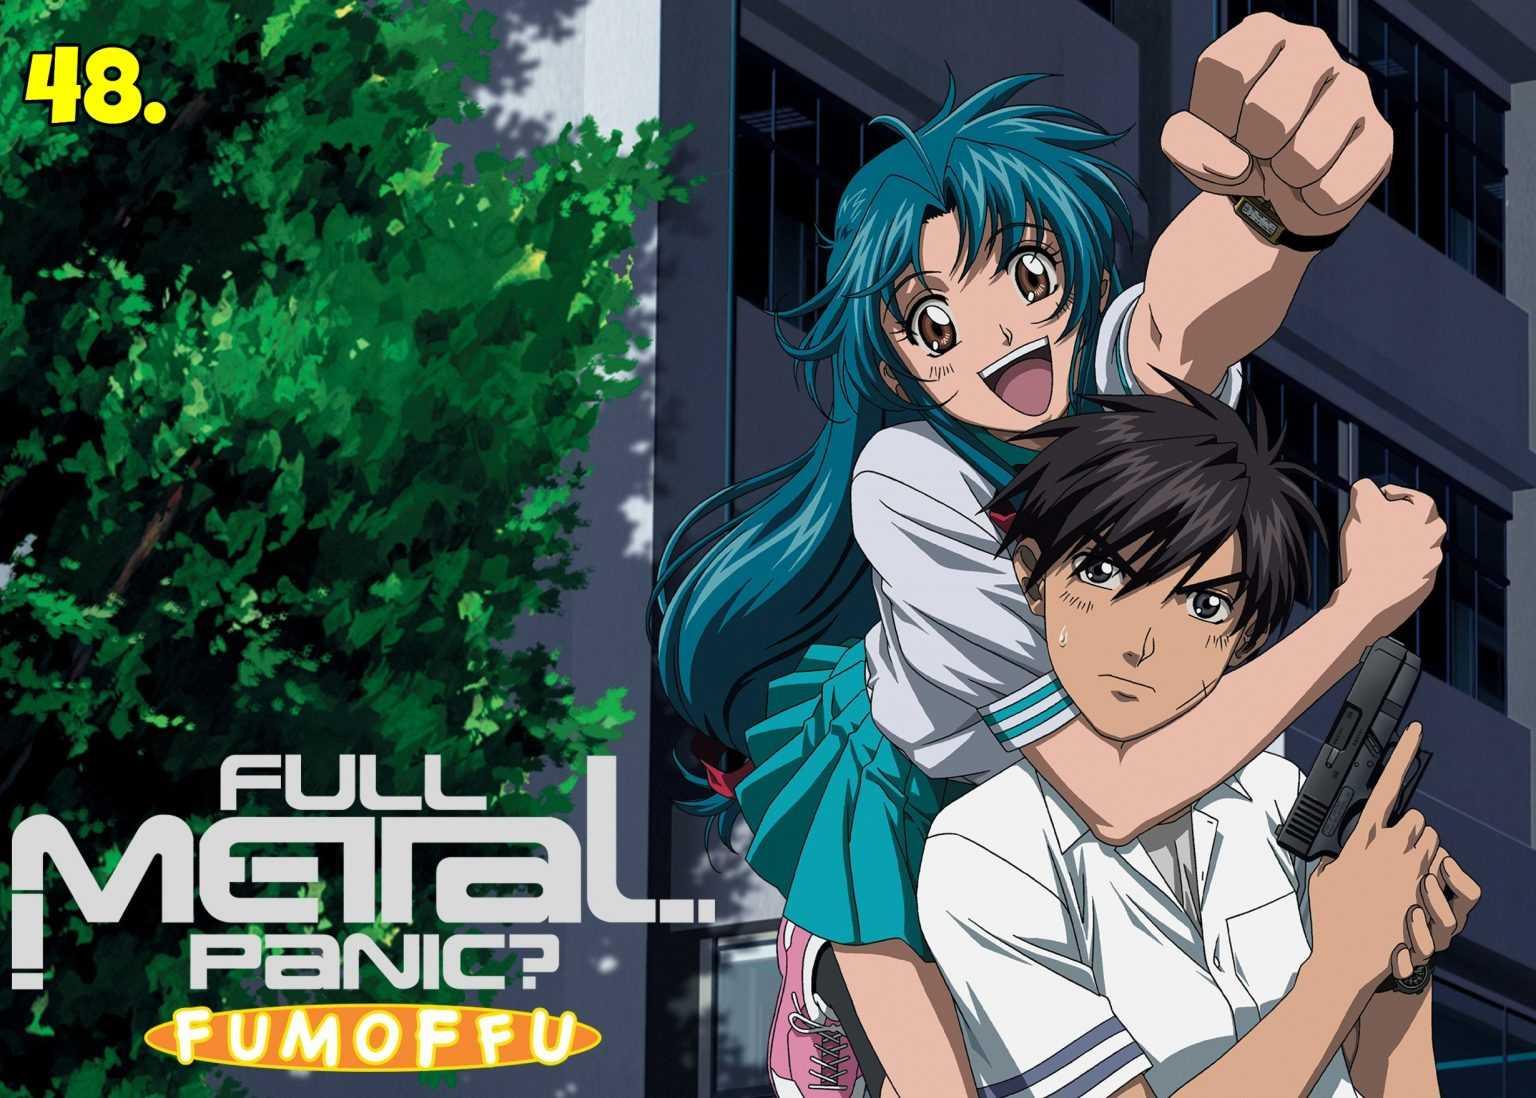 Full-Metal-Panic-Fumoffu